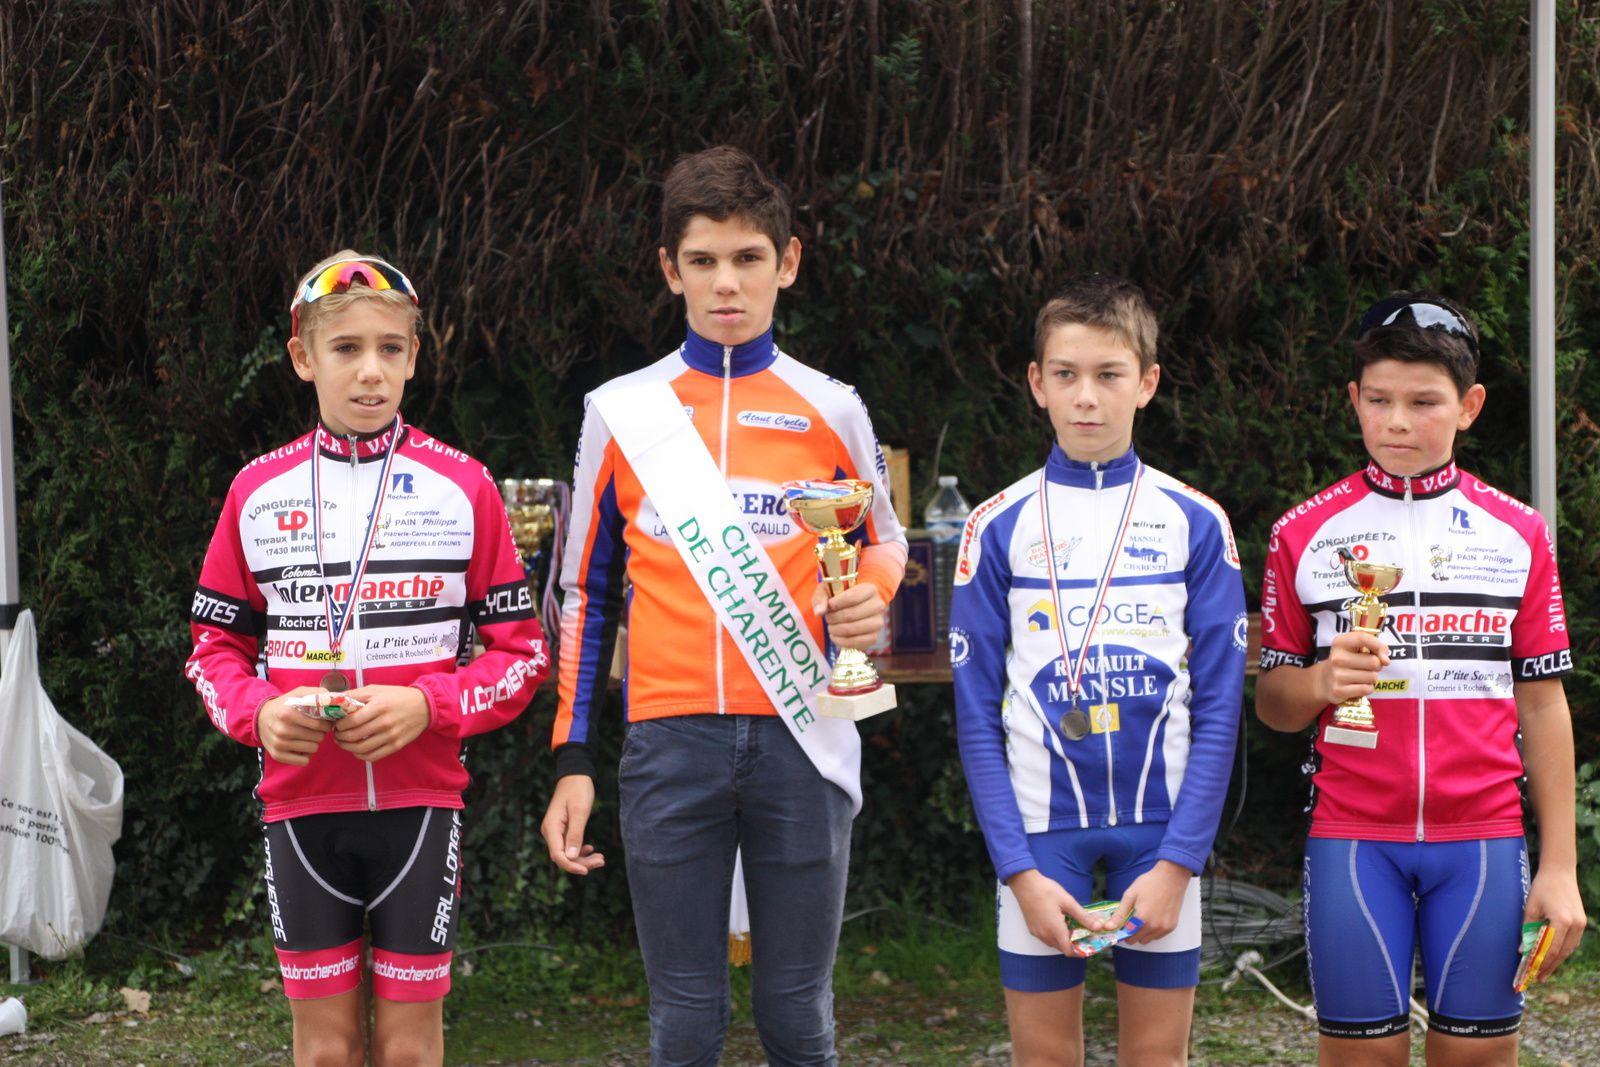 Le  podium  avec  le  vainqueur  qui  devient champion  de  Charente.